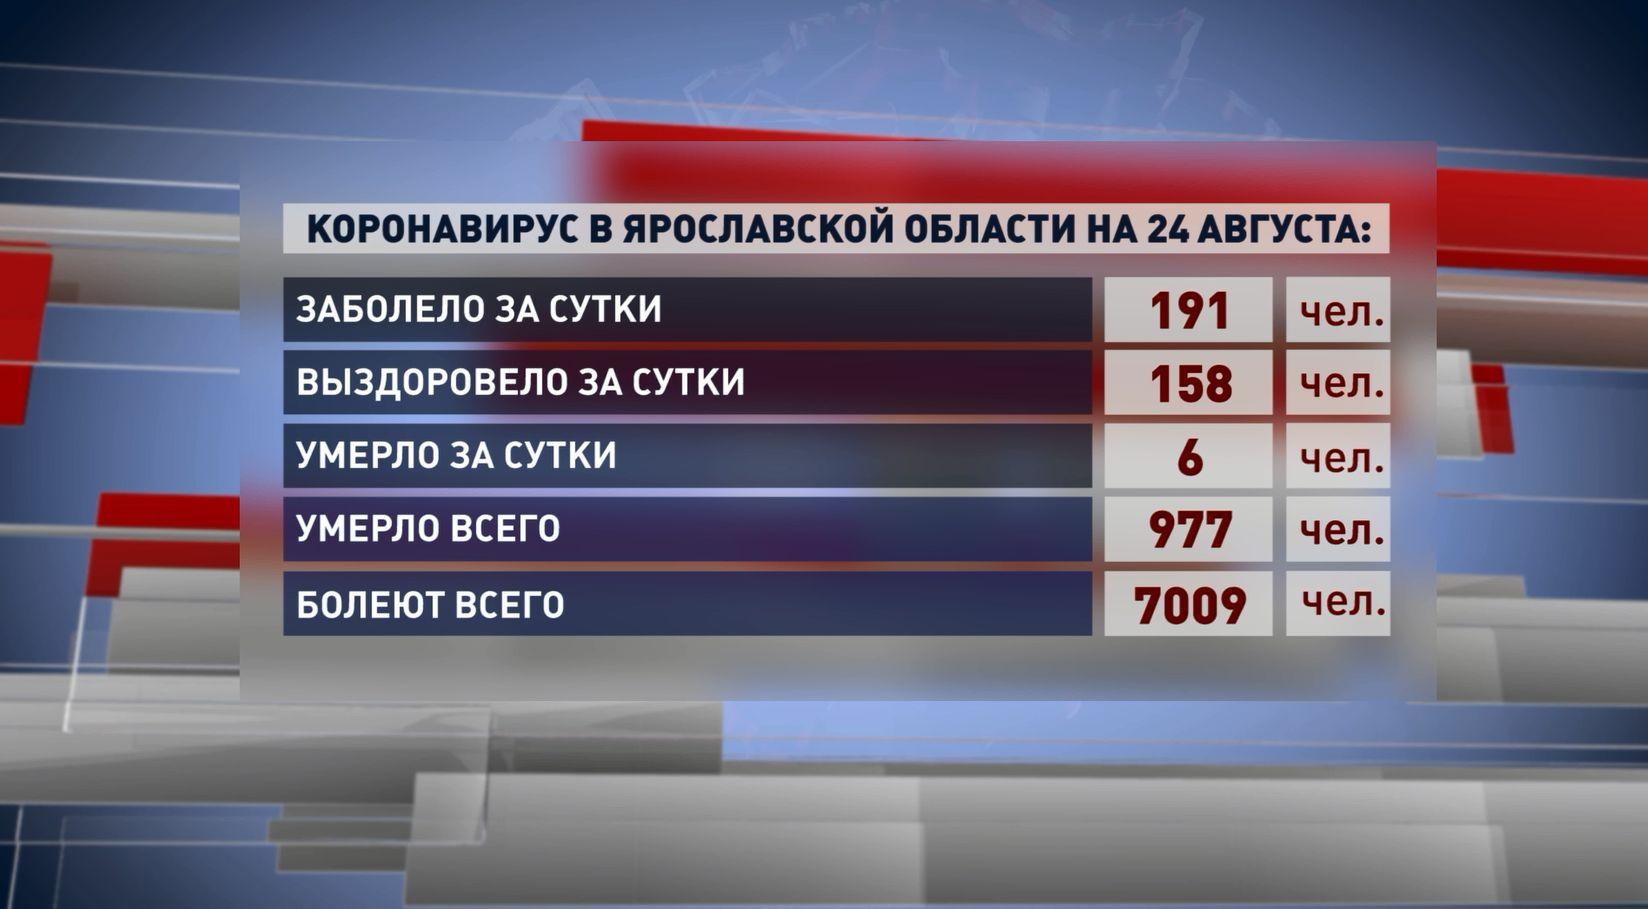 191 житель Ярославской области услышал диагноз ковид